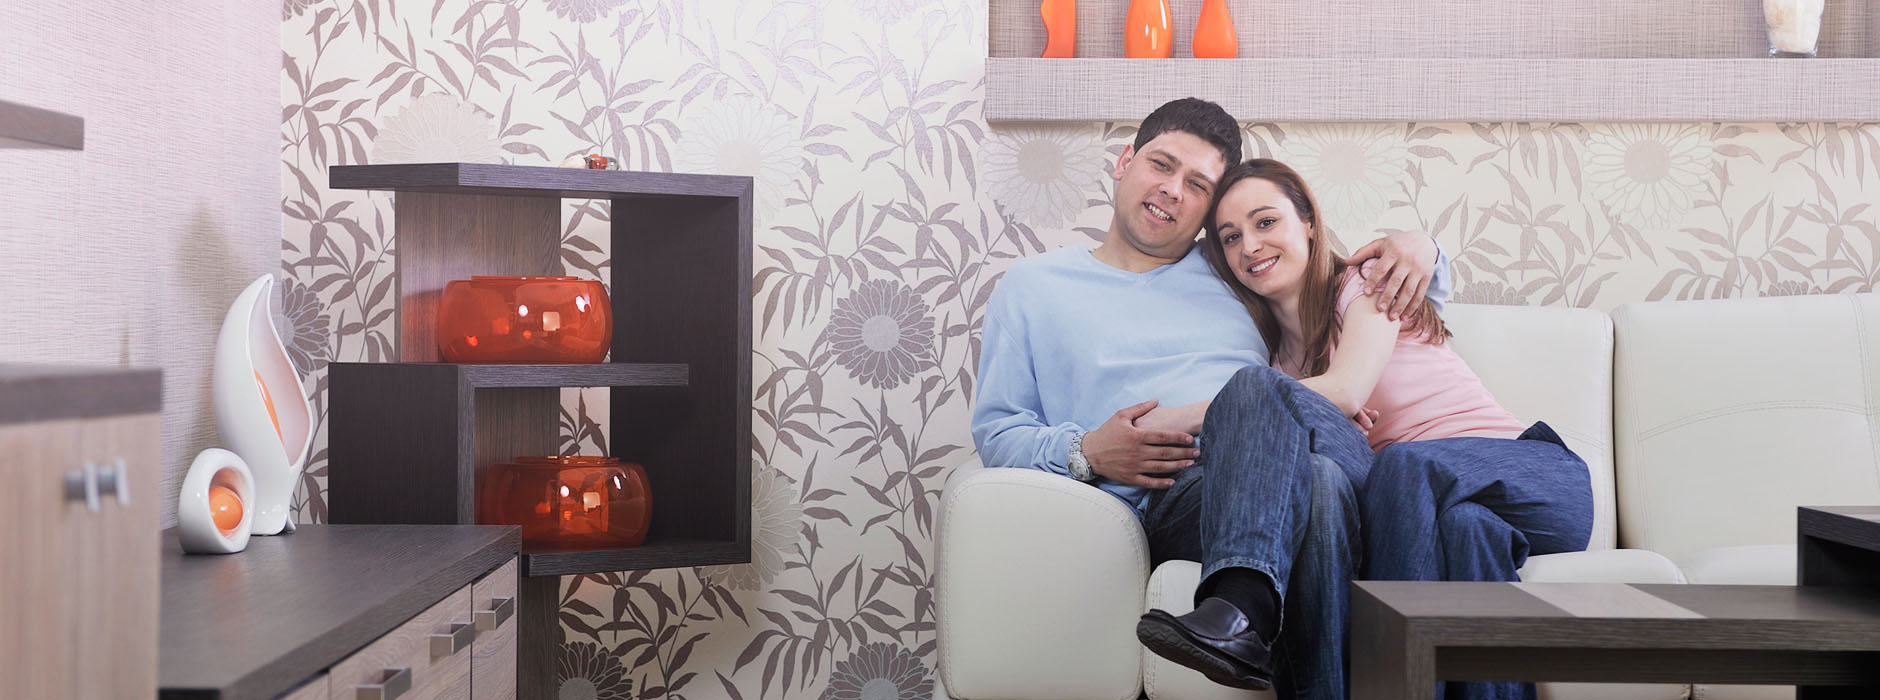 Környezetbarát hőenergia az Ön otthonában is!